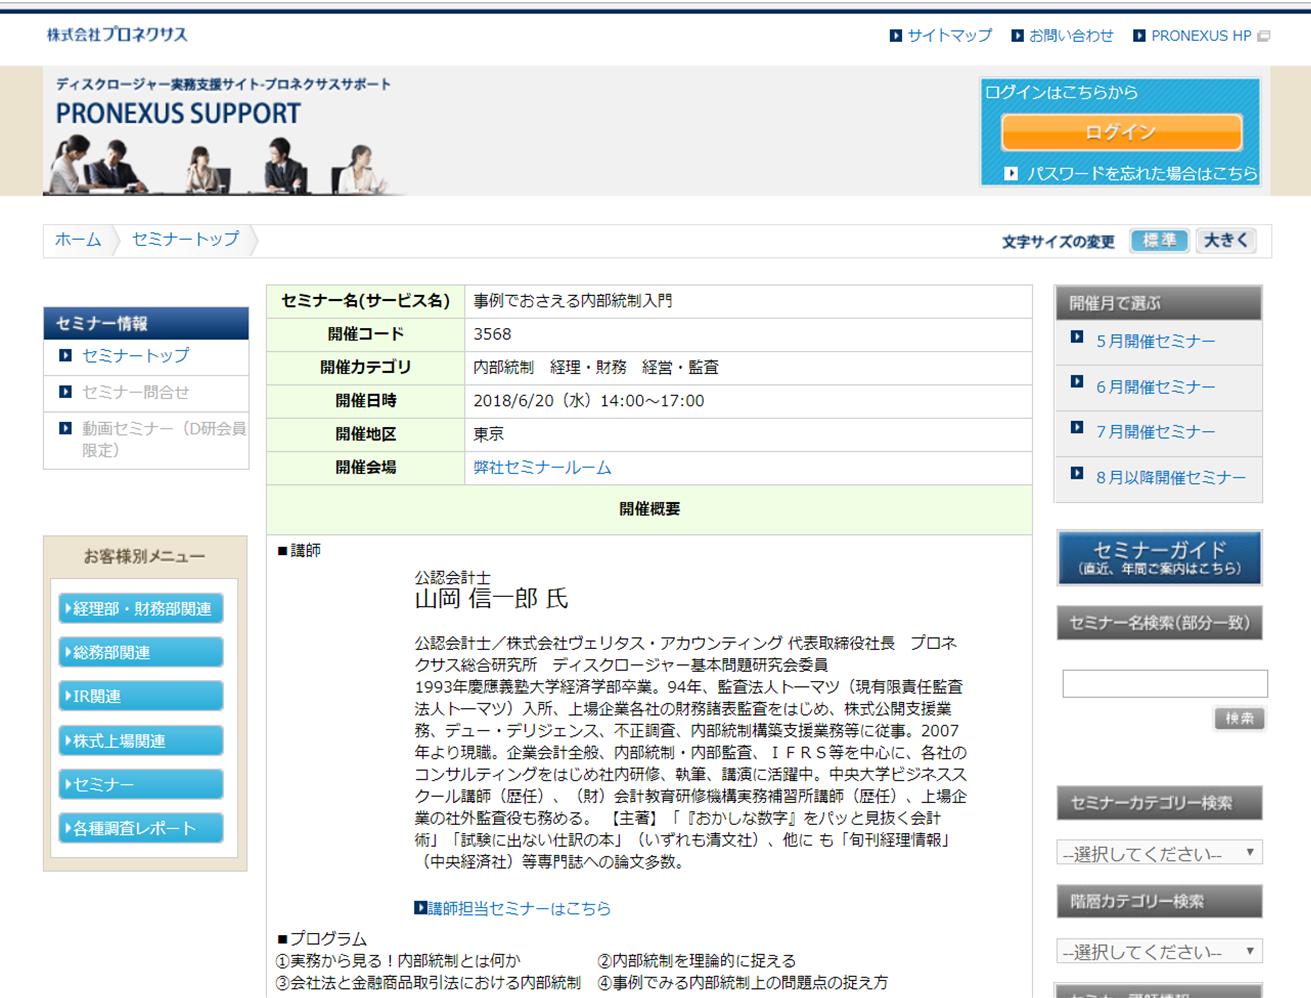 株式会社プロネクサス / 事例でおさえる内部統制入門